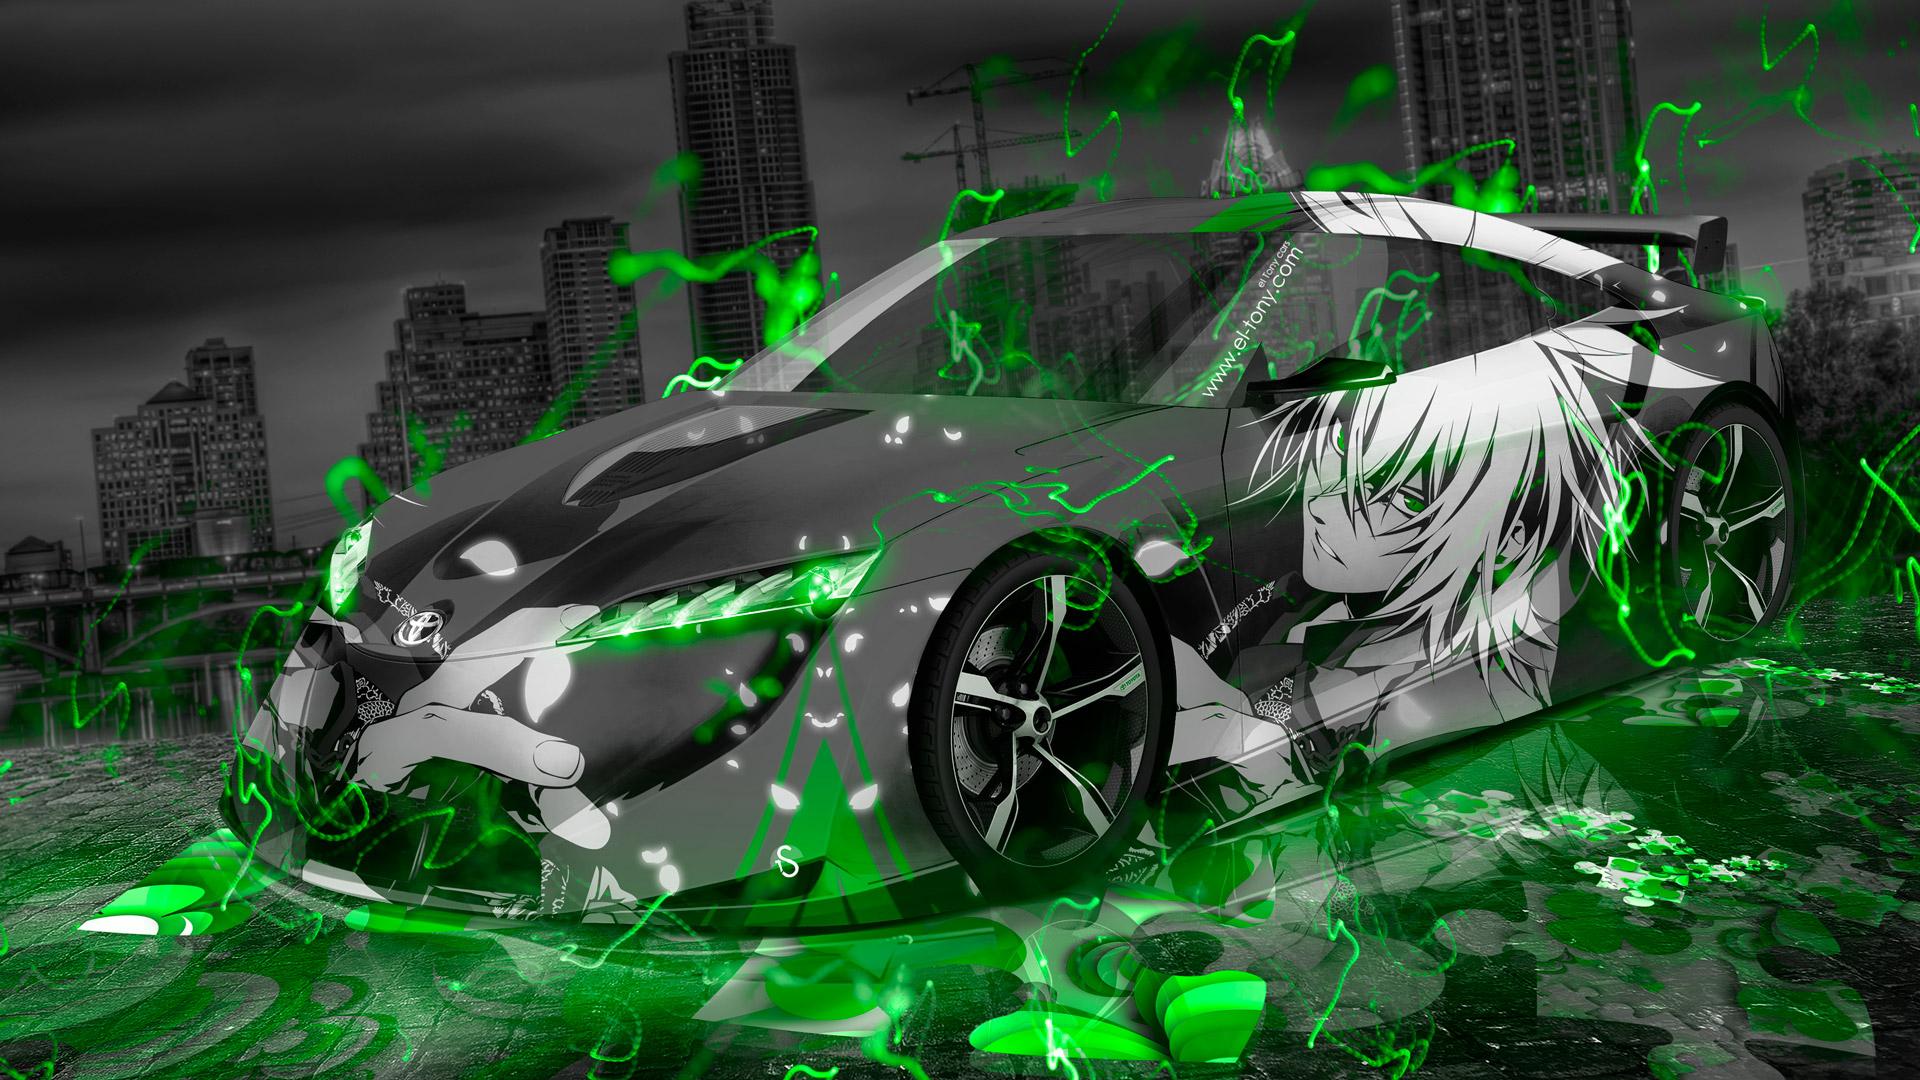 Wallpaper Anime Boy 3d gambar ke 16